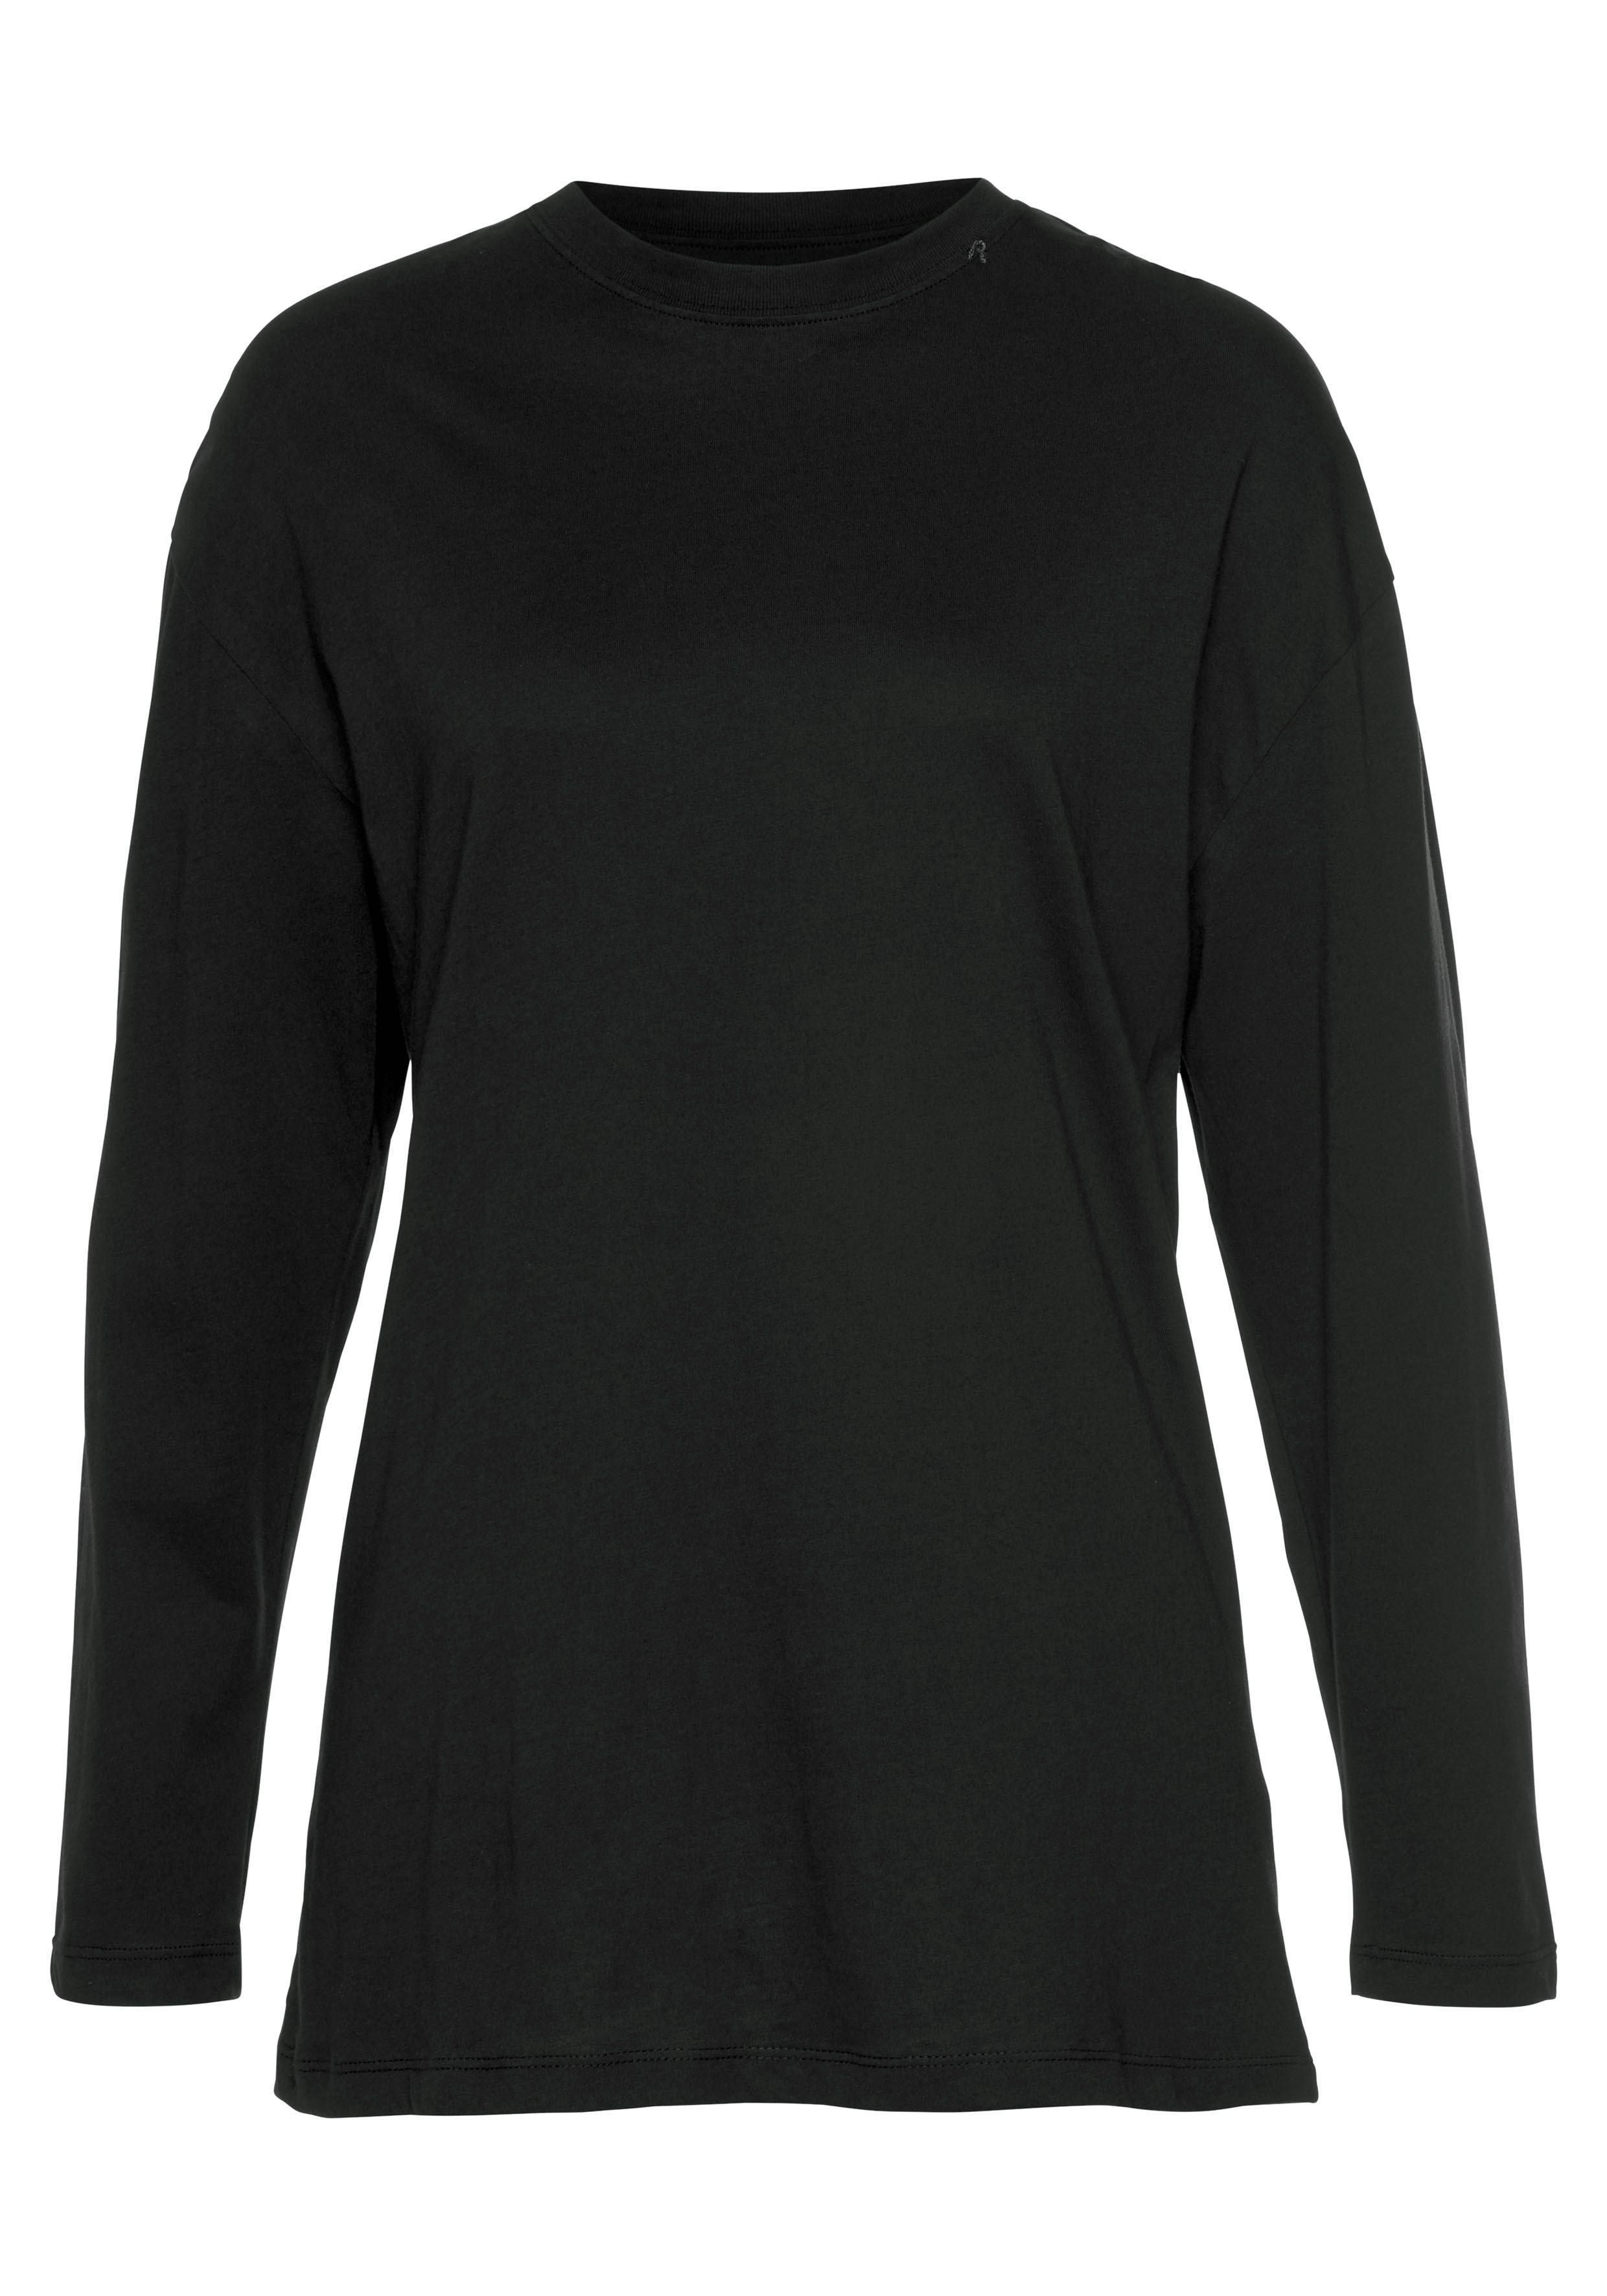 Replay Langarmshirt   Bekleidung > Shirts > Langarmshirts   Replay